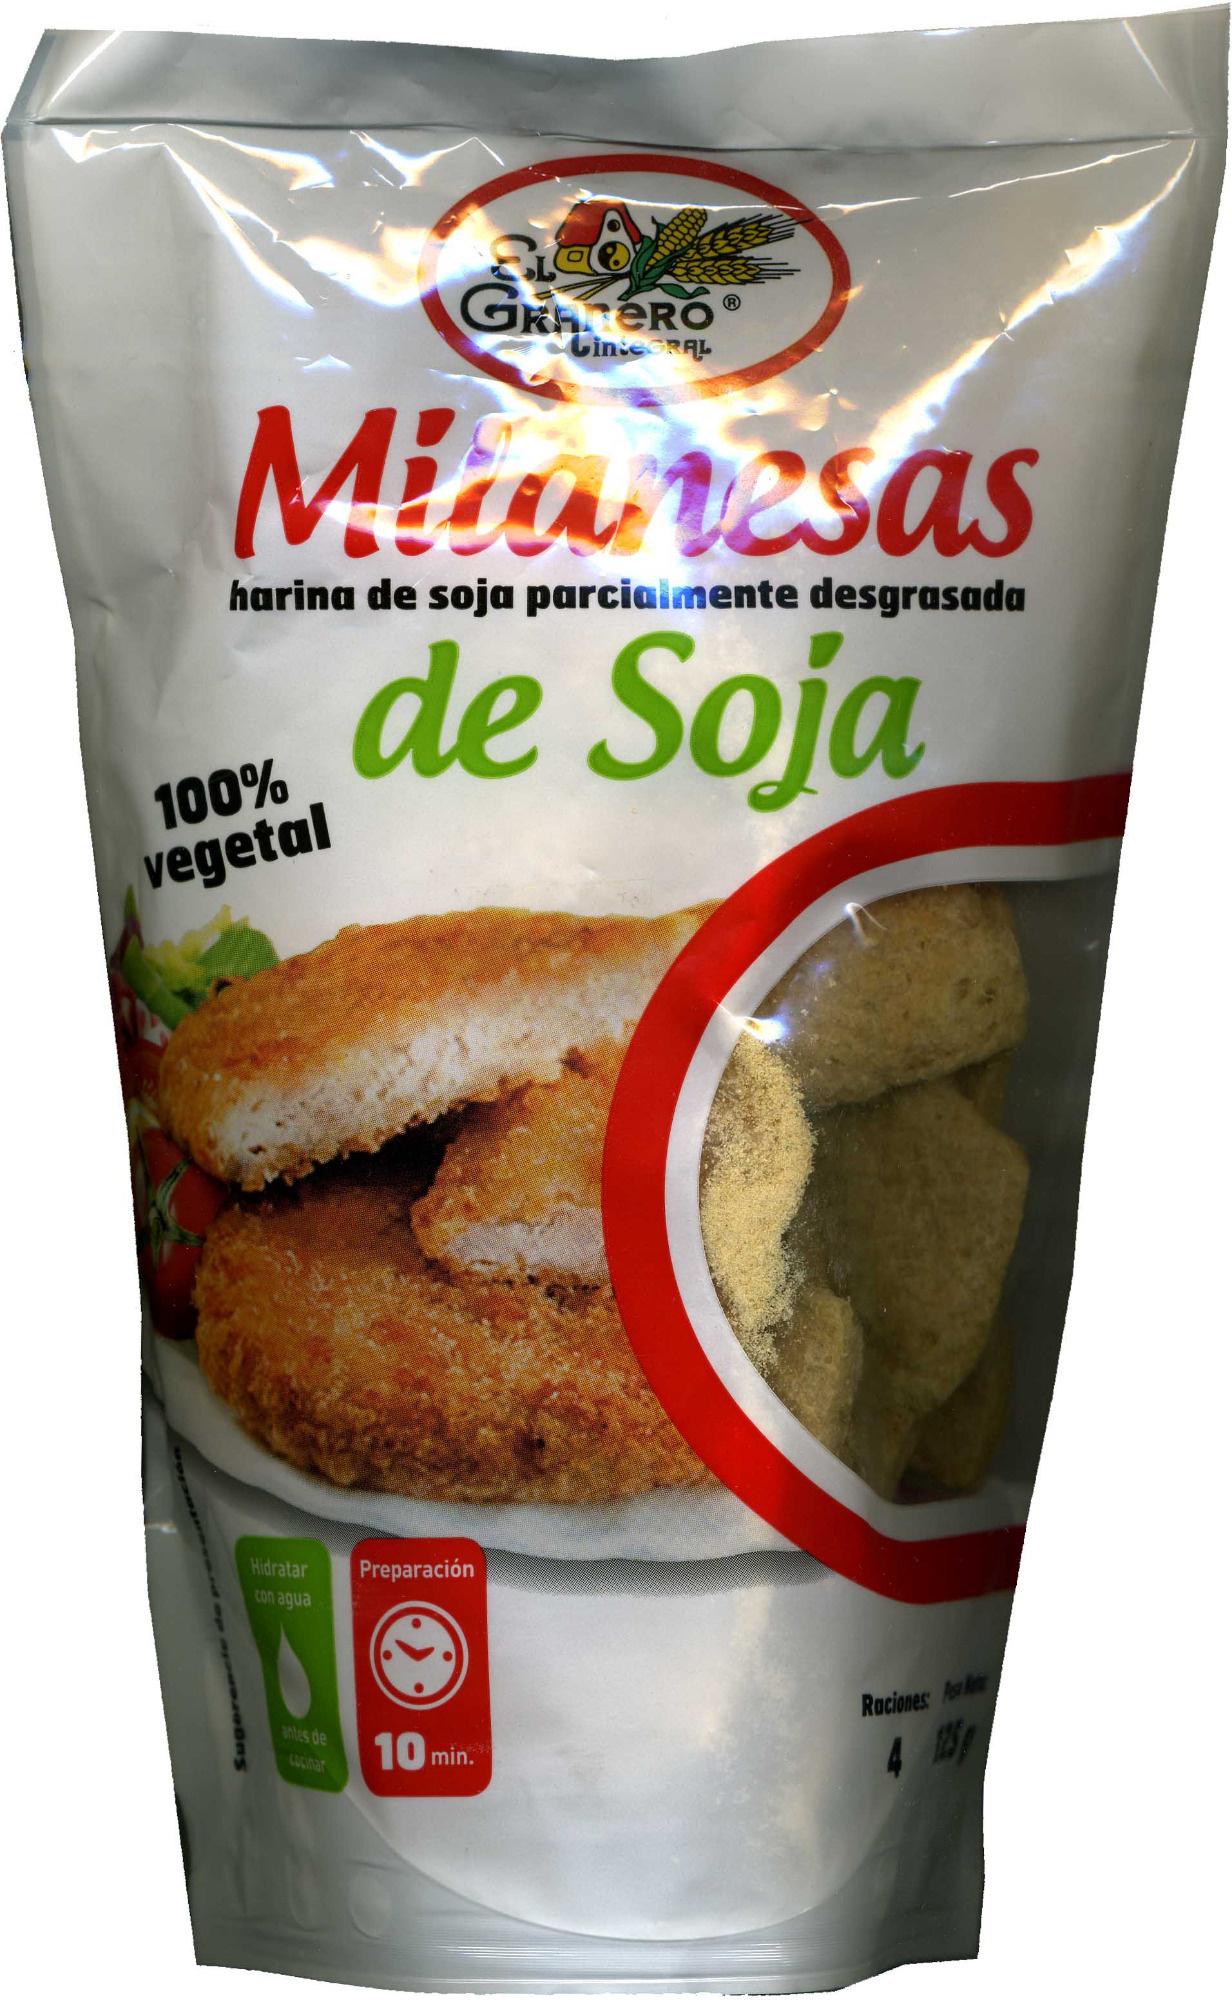 Milanesas de Soja - Product - es